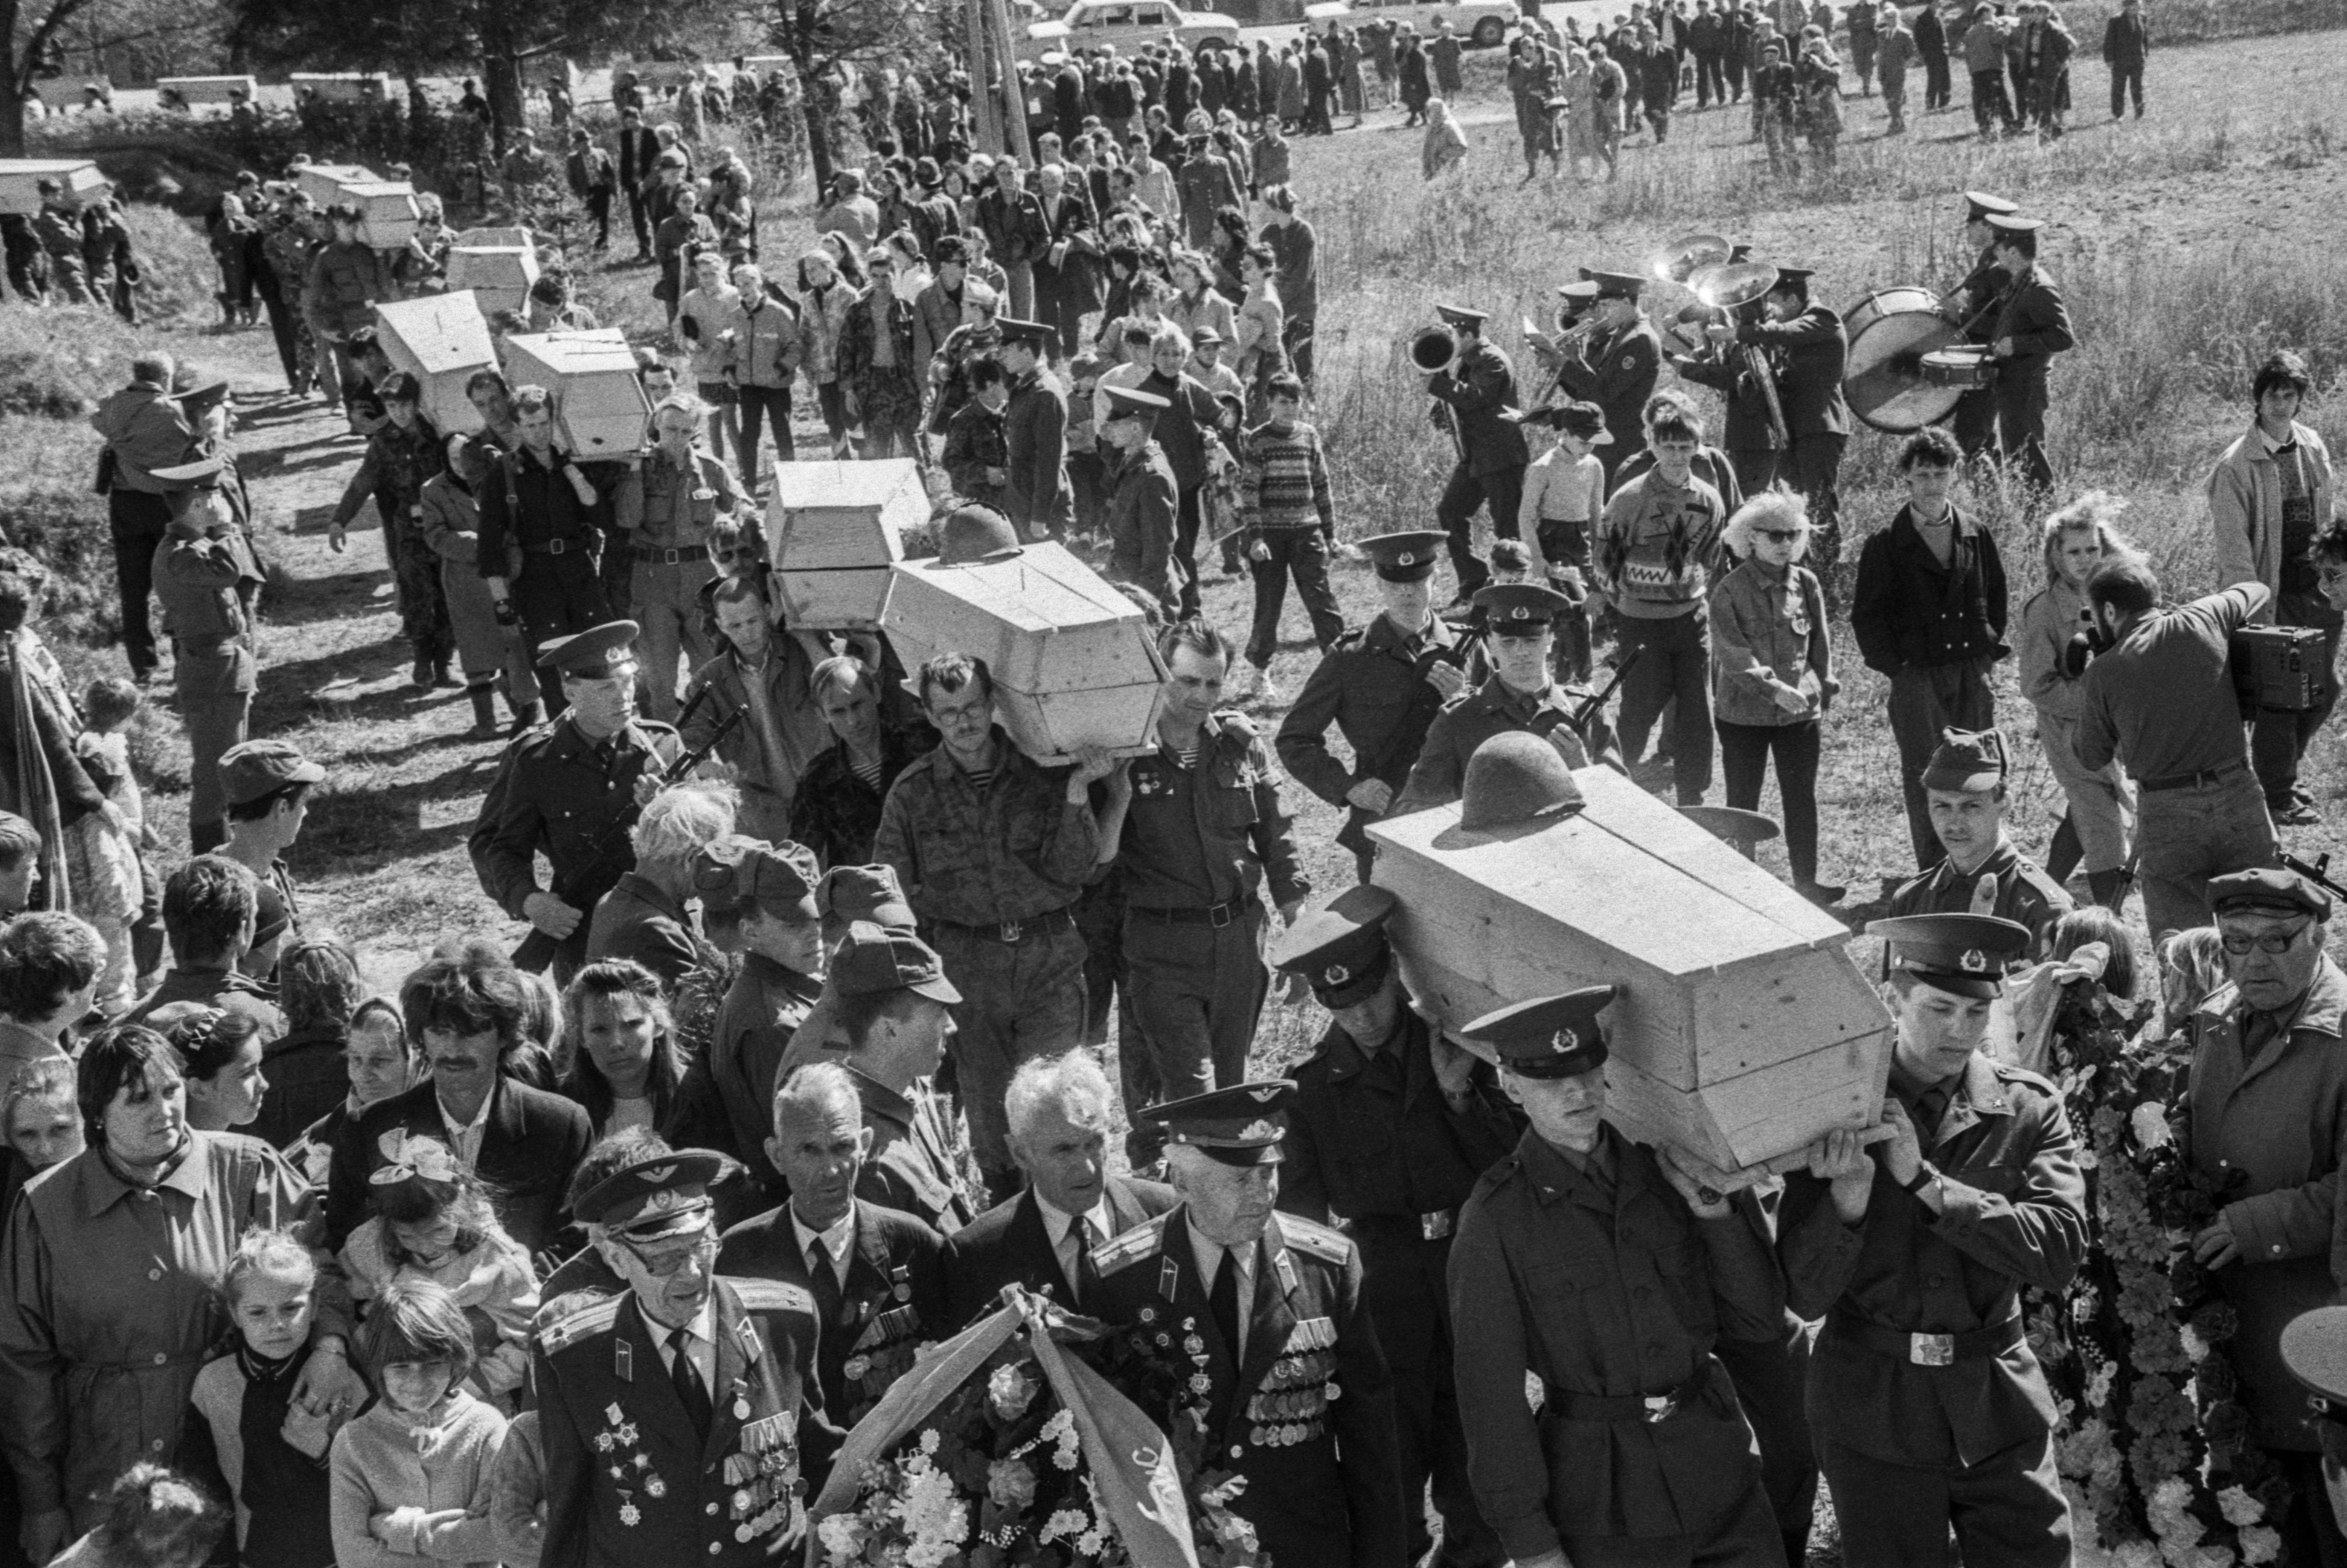 Церемония перезахоронения на окраине деревни Мясной Бор останков солдат Великой Отечественной войны, найденных поисковиками в окрестных лесах.  Фото © ТАСС / Александр Овчинников